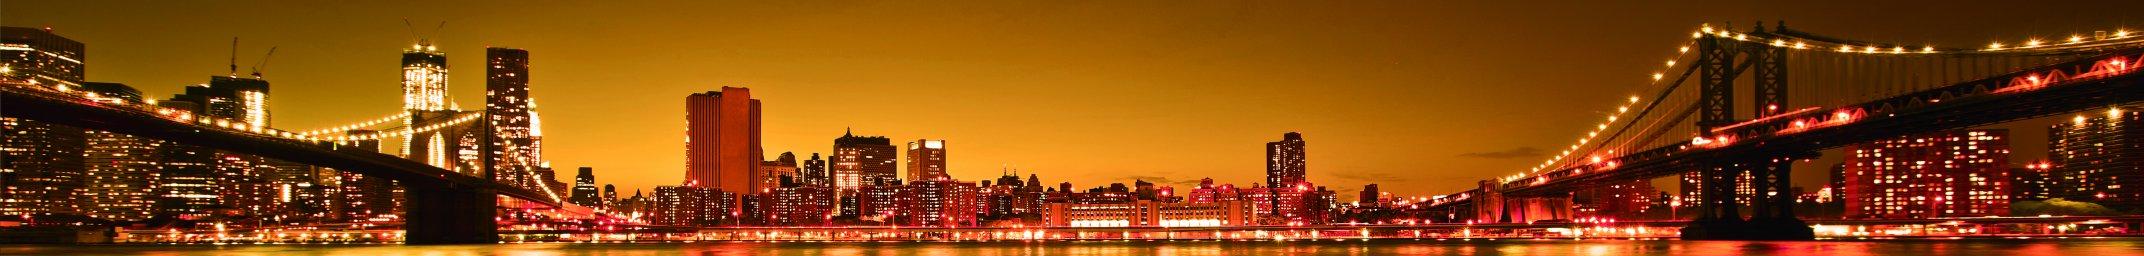 night-city-025